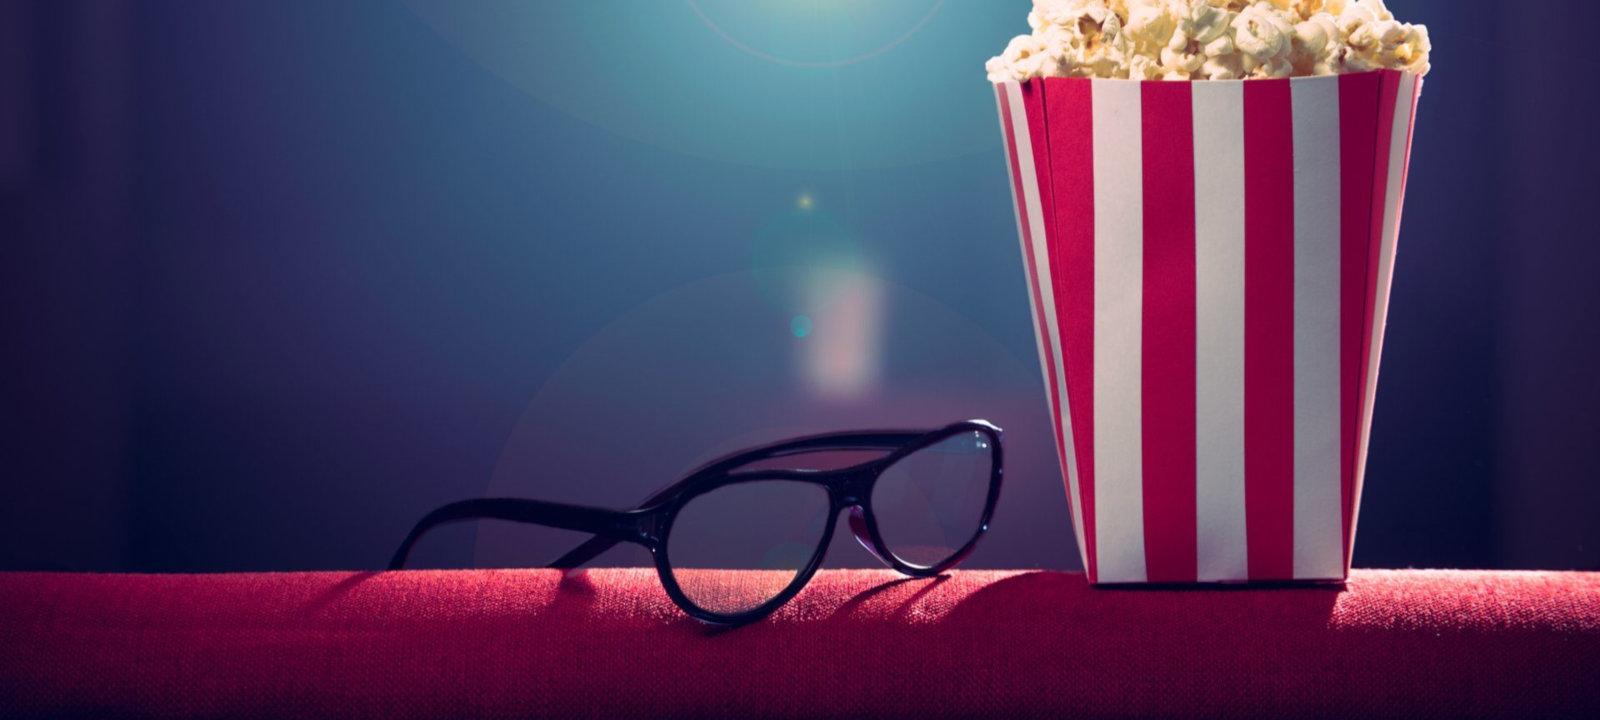 Социнженерия в кино. 7 фильмов, по которым можно изучать социальную инженерию